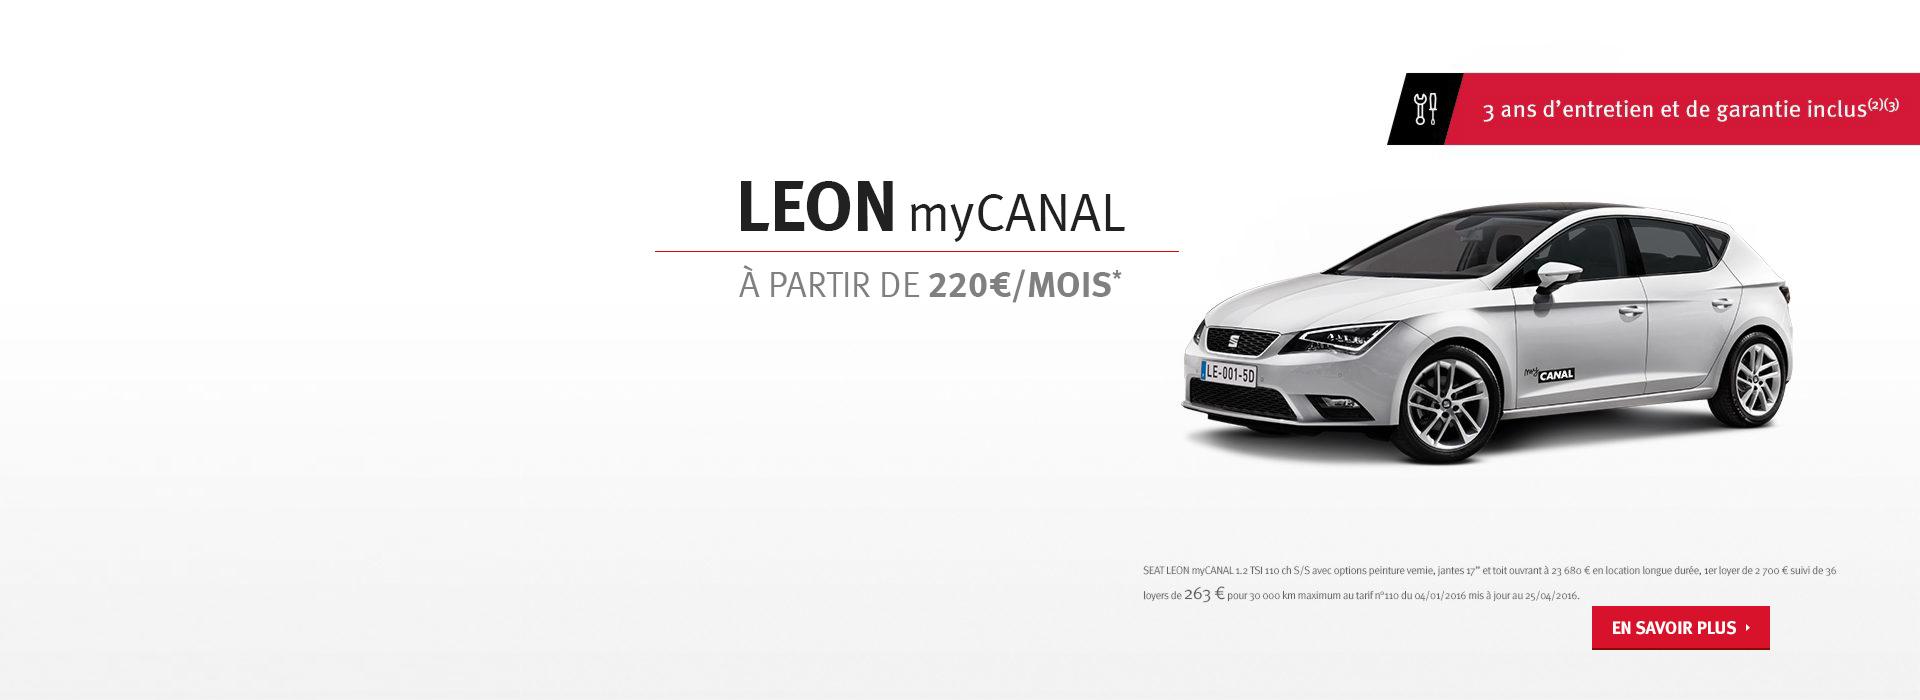 Offre Leon